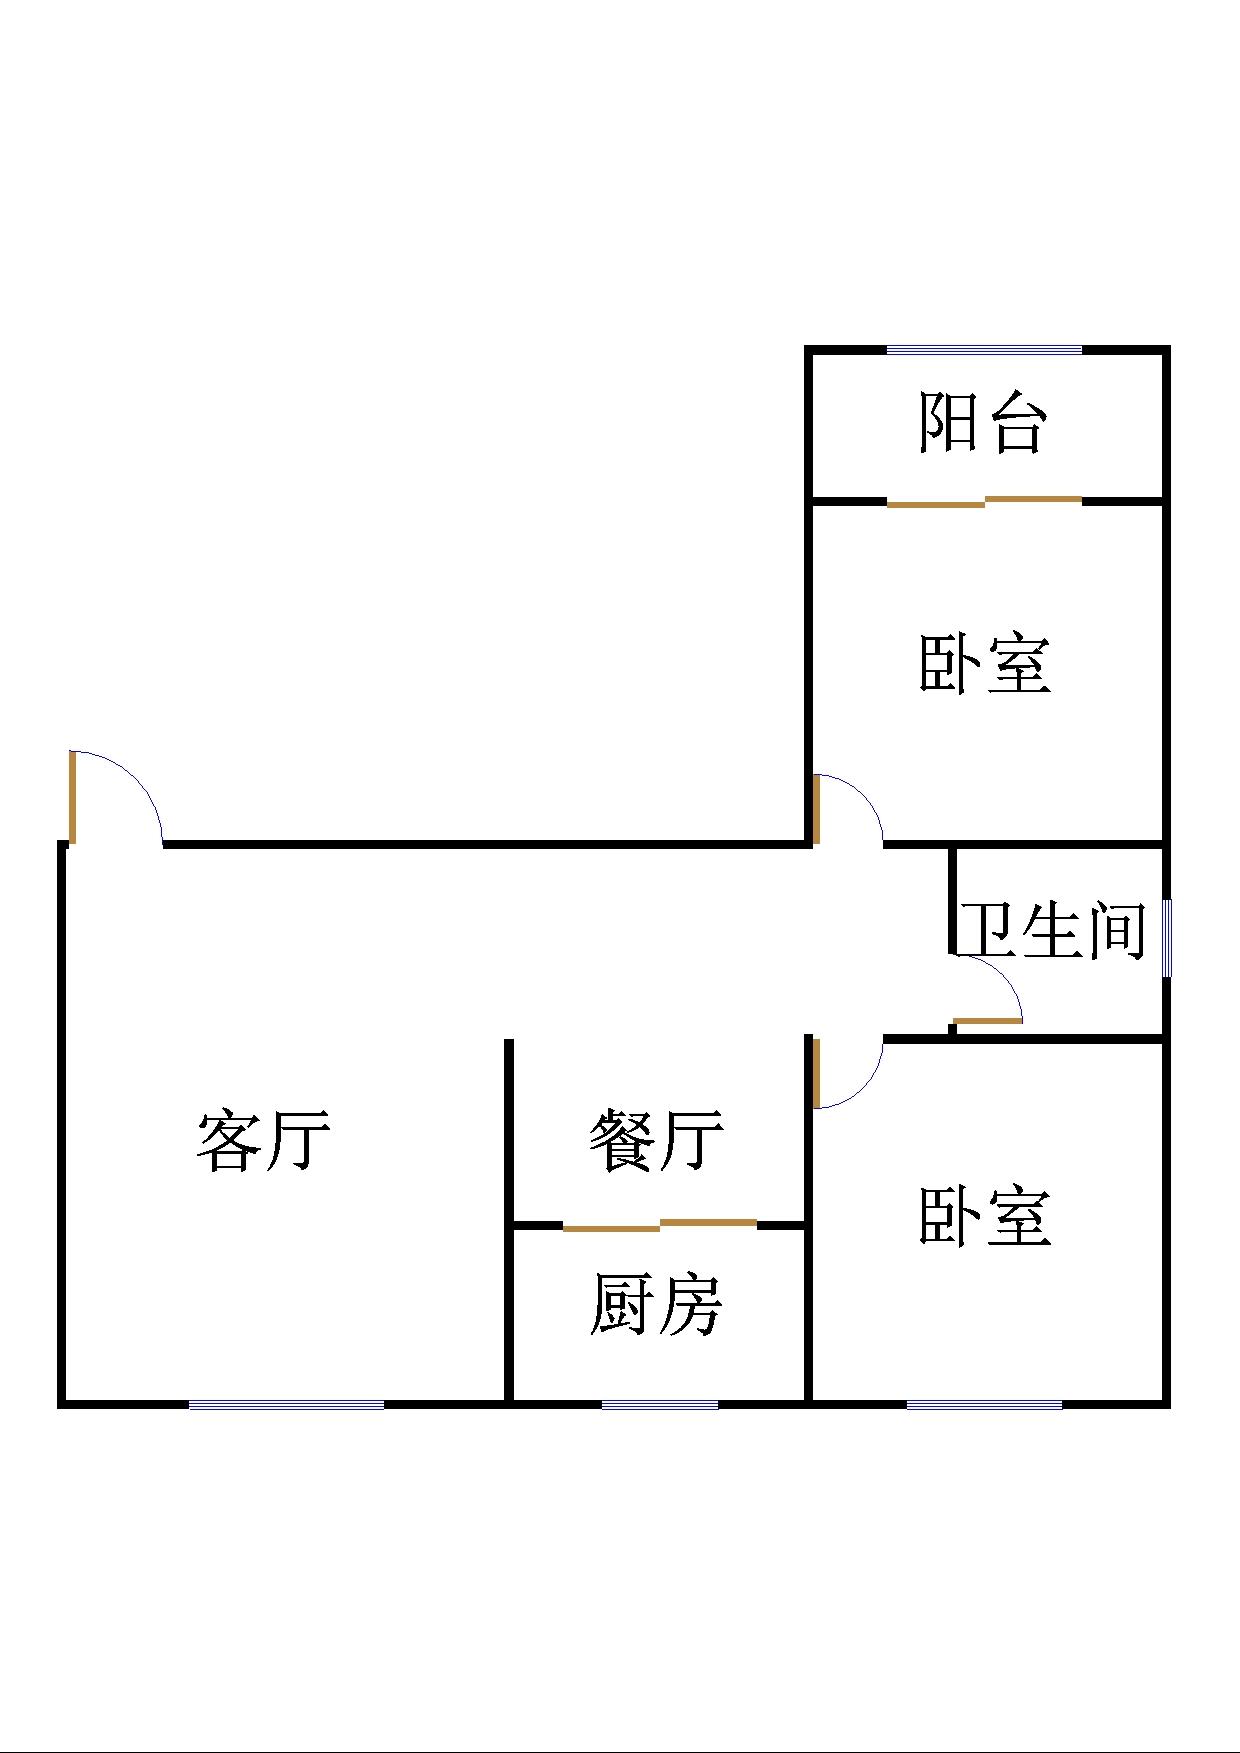 万豪华庭公馆 2室2厅 3楼